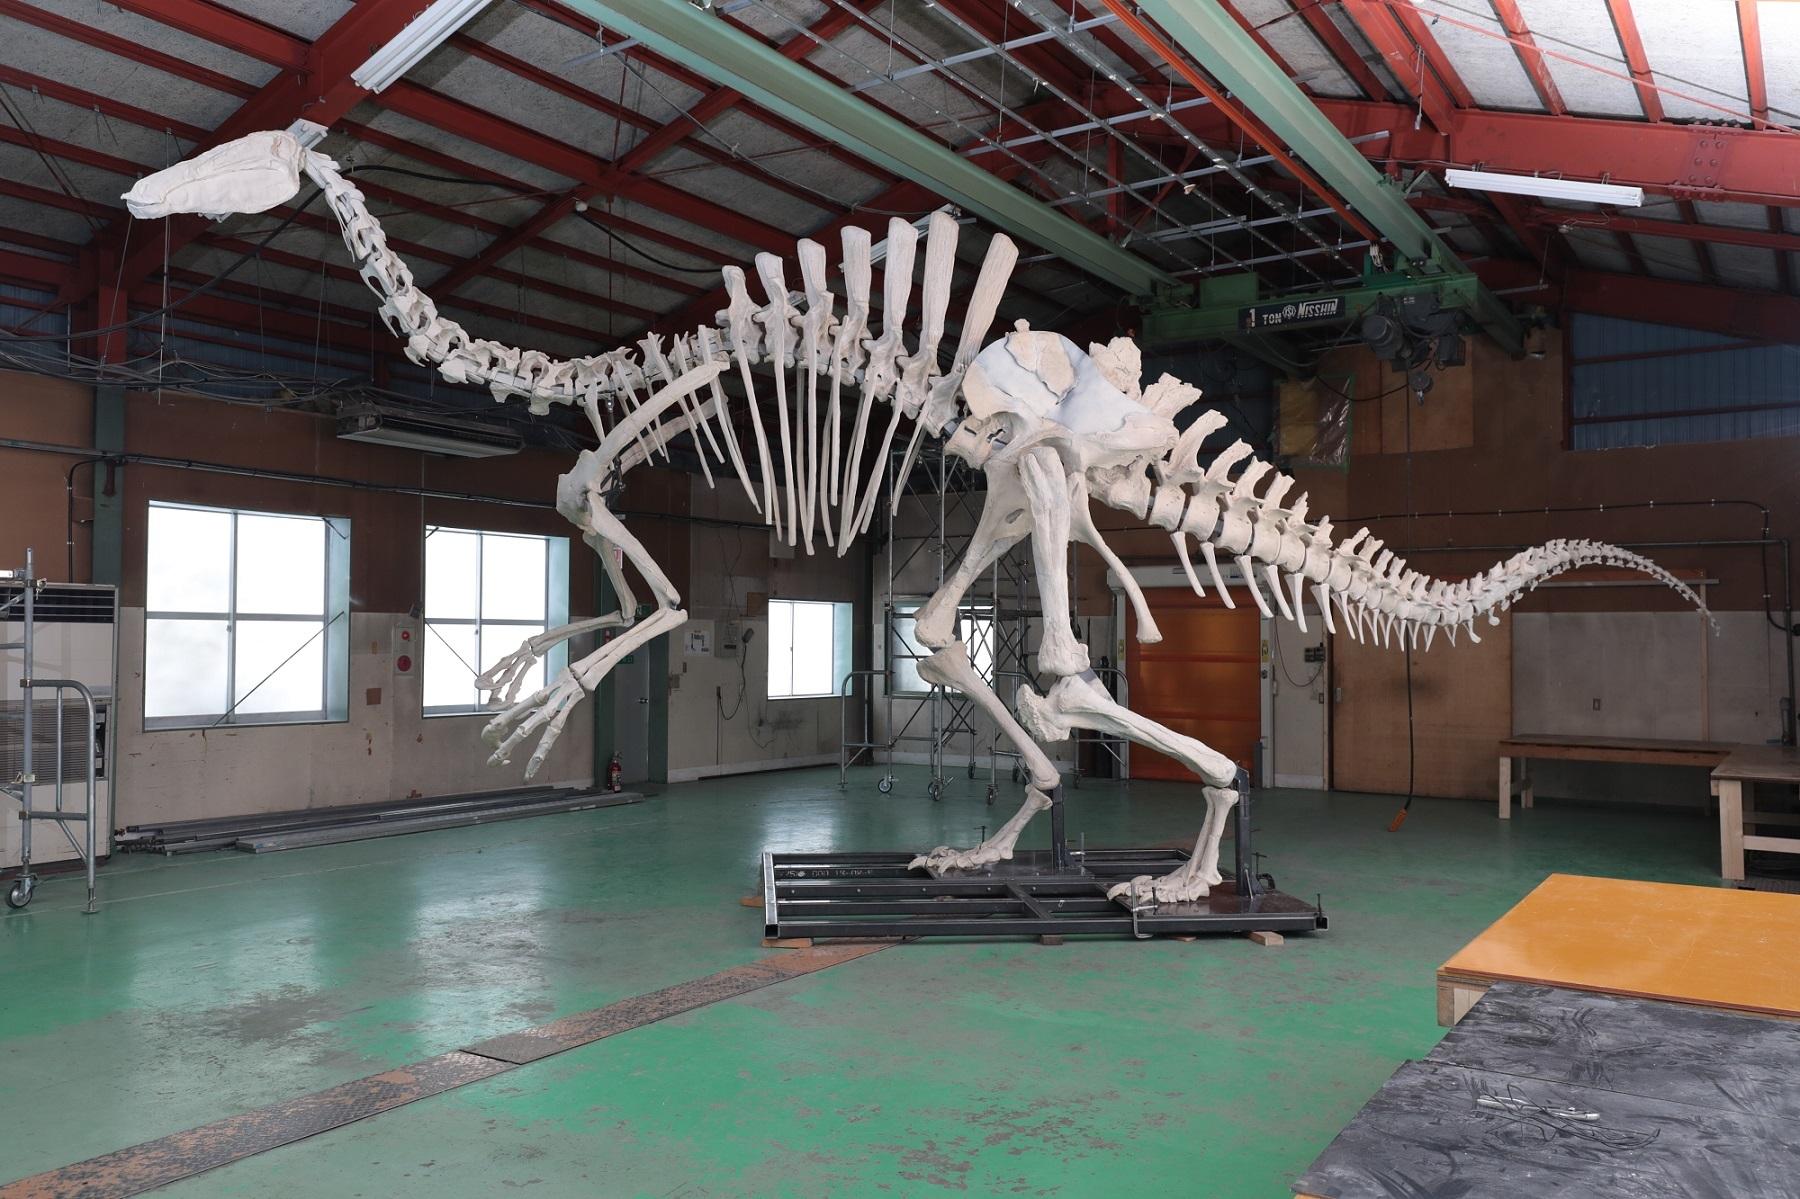 デイノケイルス全身復元骨格 (c) Institute of Paleontology and Geology of Mongolian Academy of Sciences